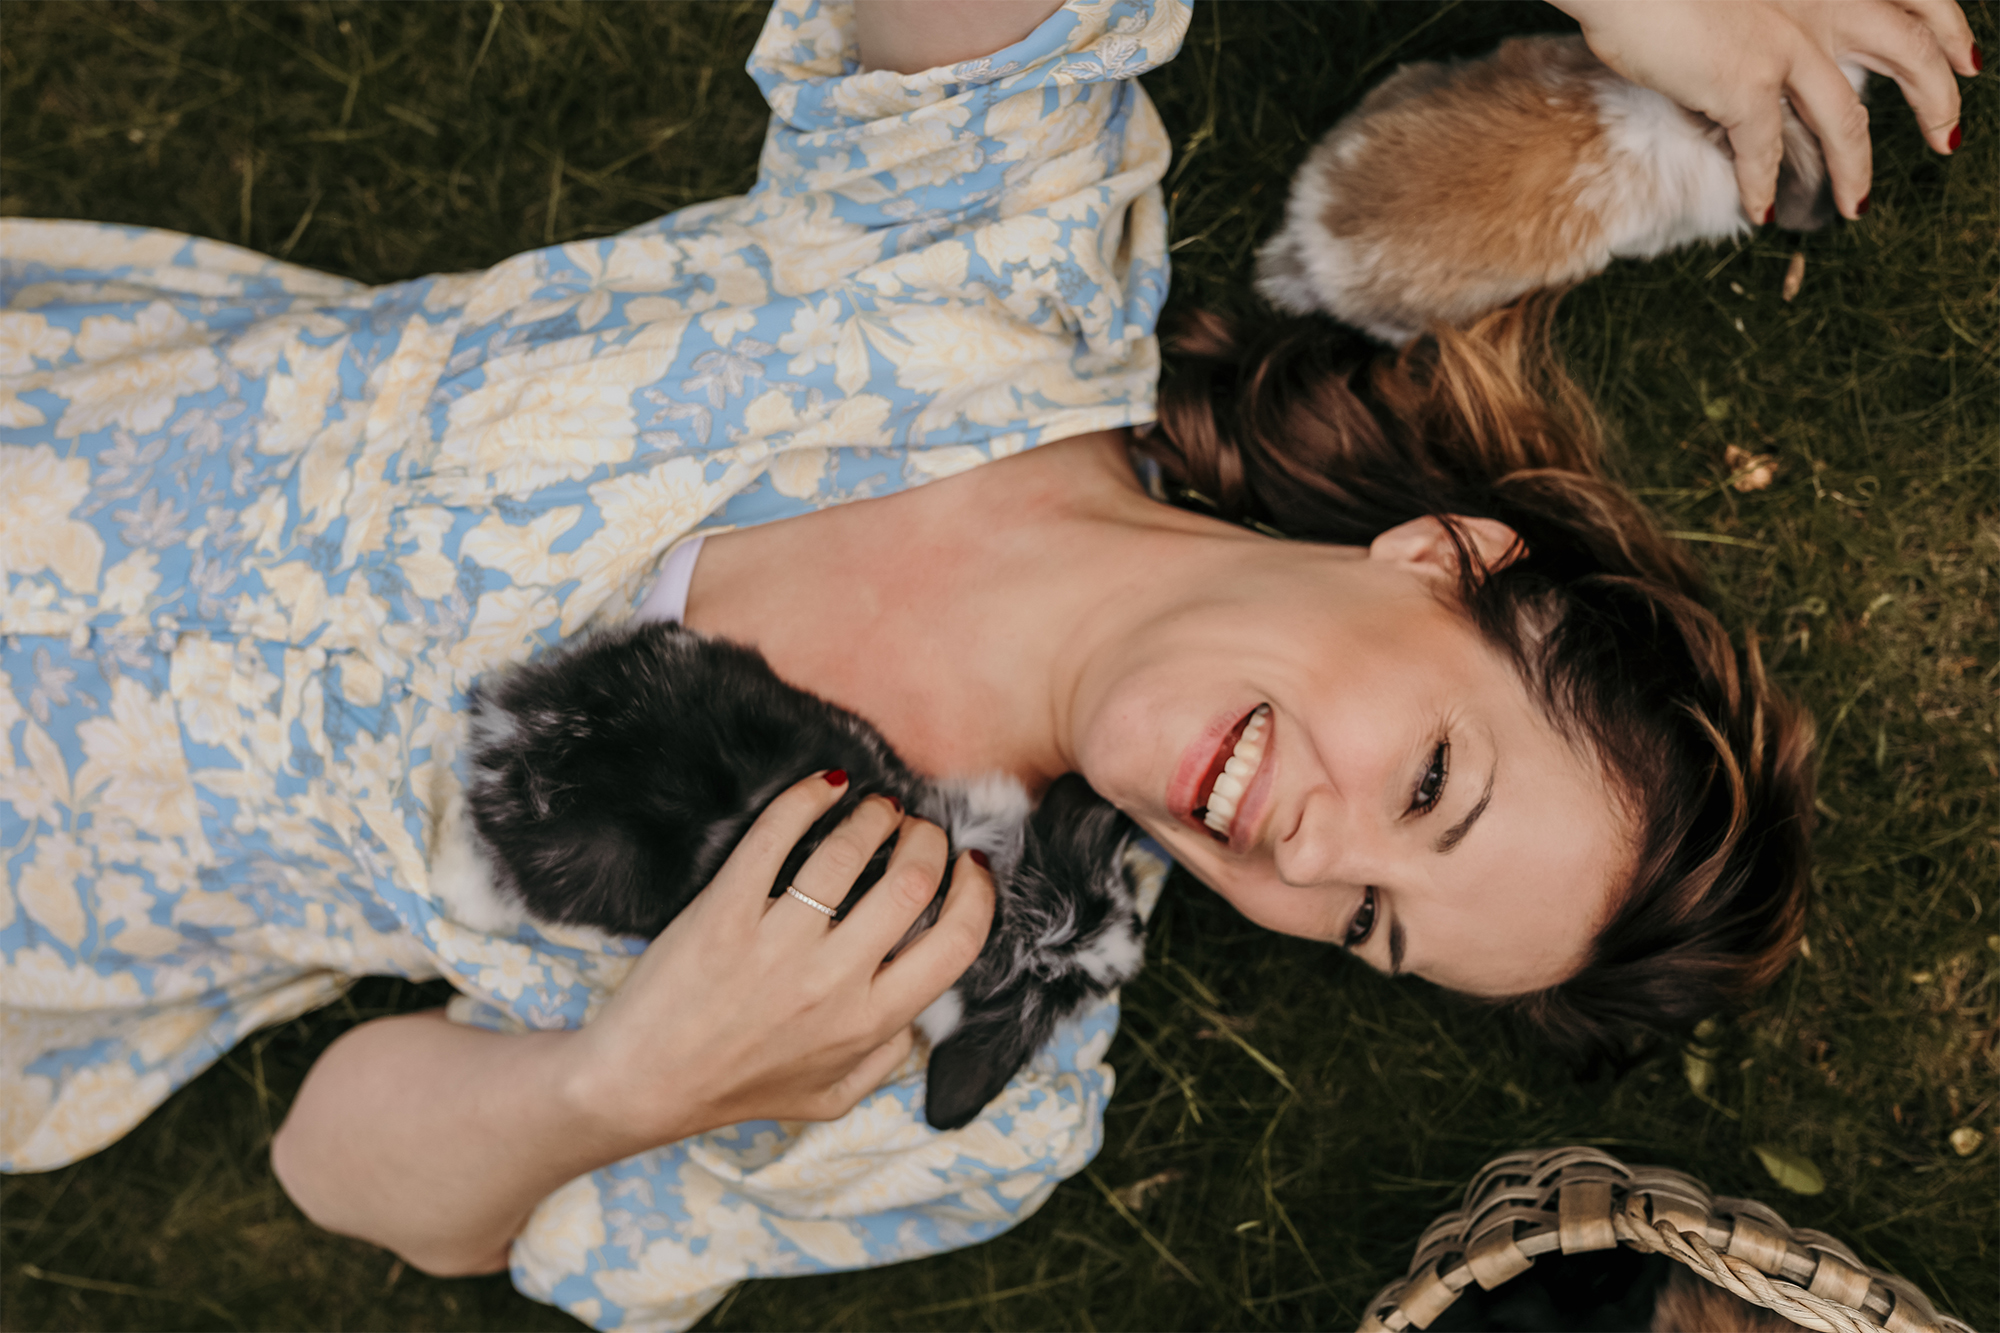 Emma Johansson ligger i gräset i en blommig klänning och myser med kaninungar